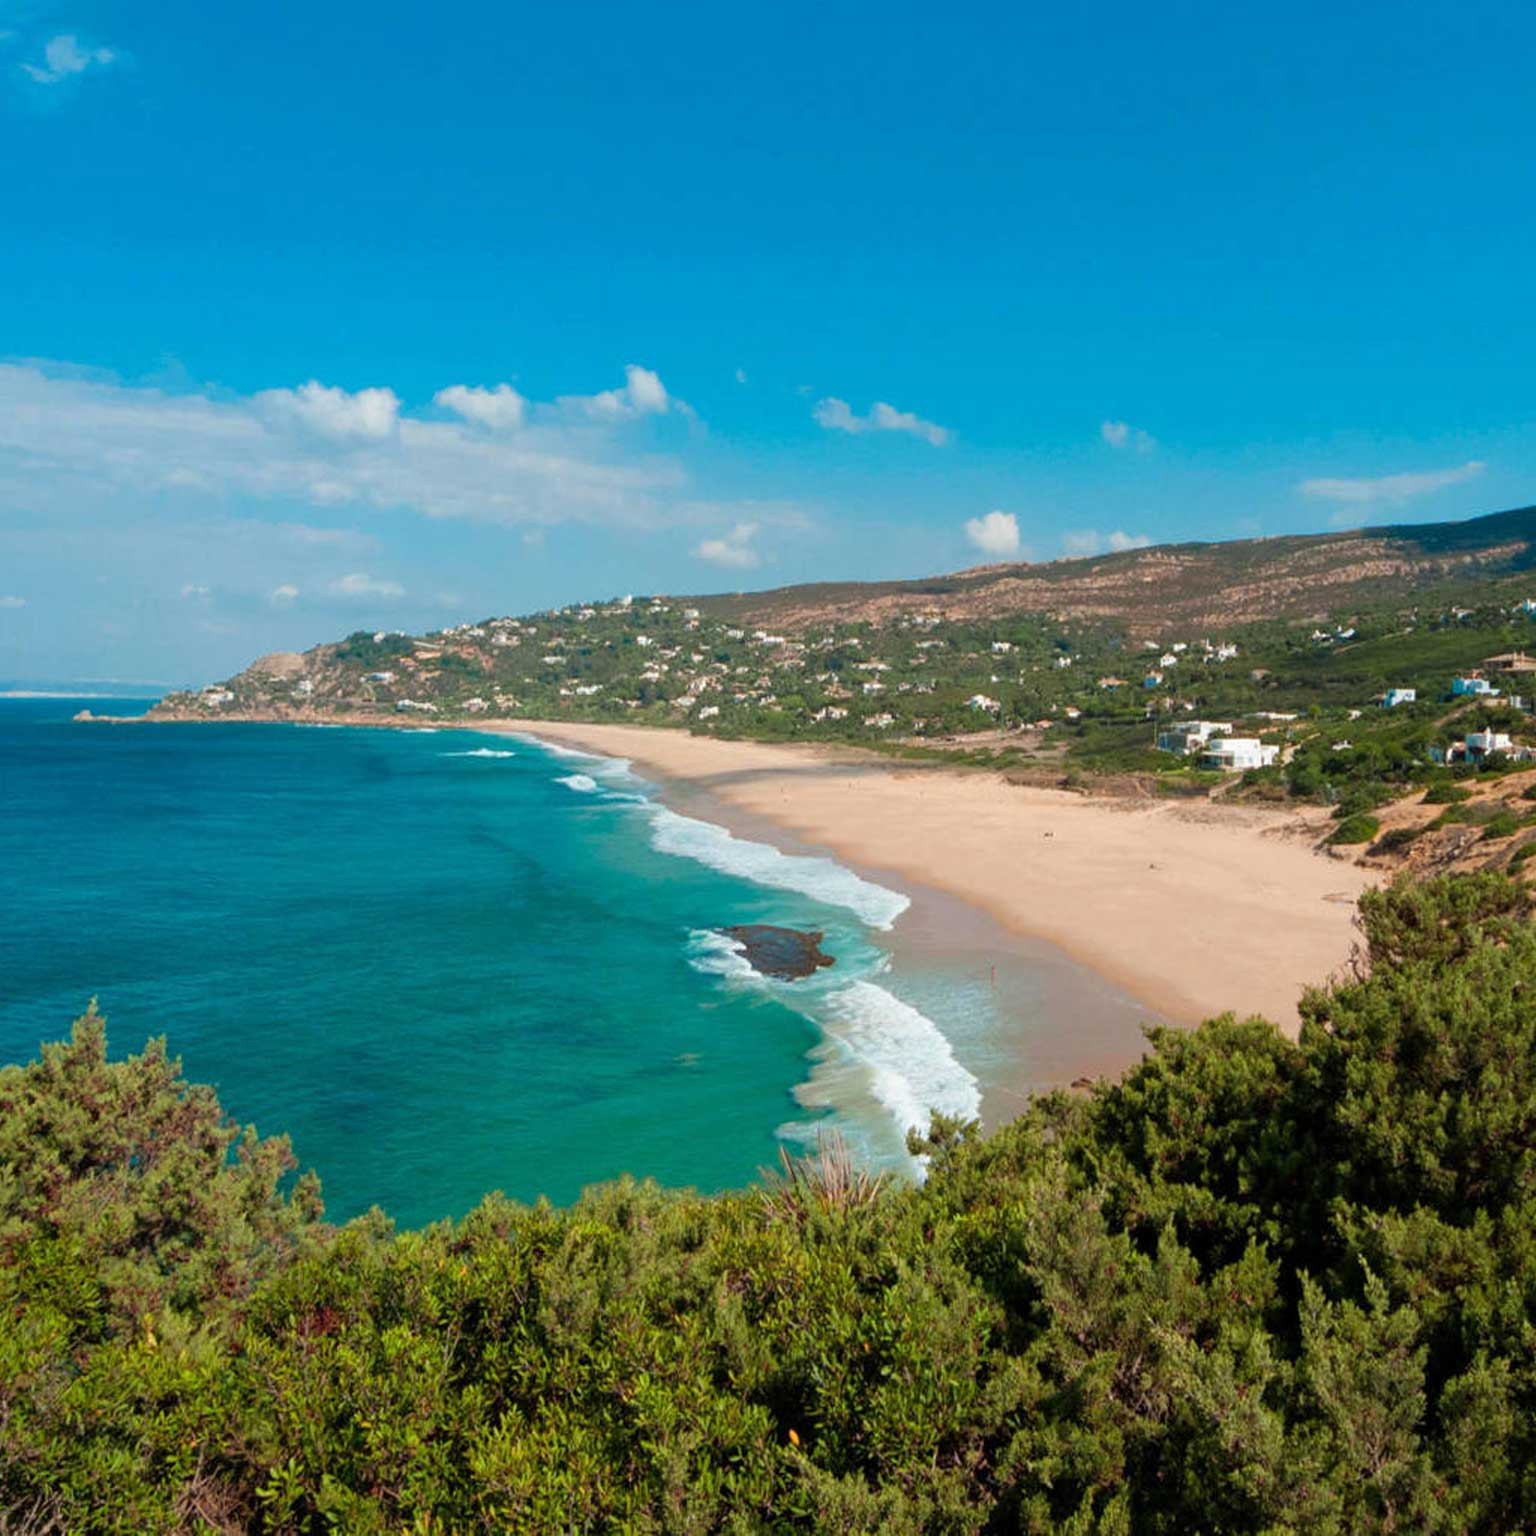 foto-3-entorno-home-surf-casa-vacaciones-palmar-alquiler-vacacional-tropical-tuna